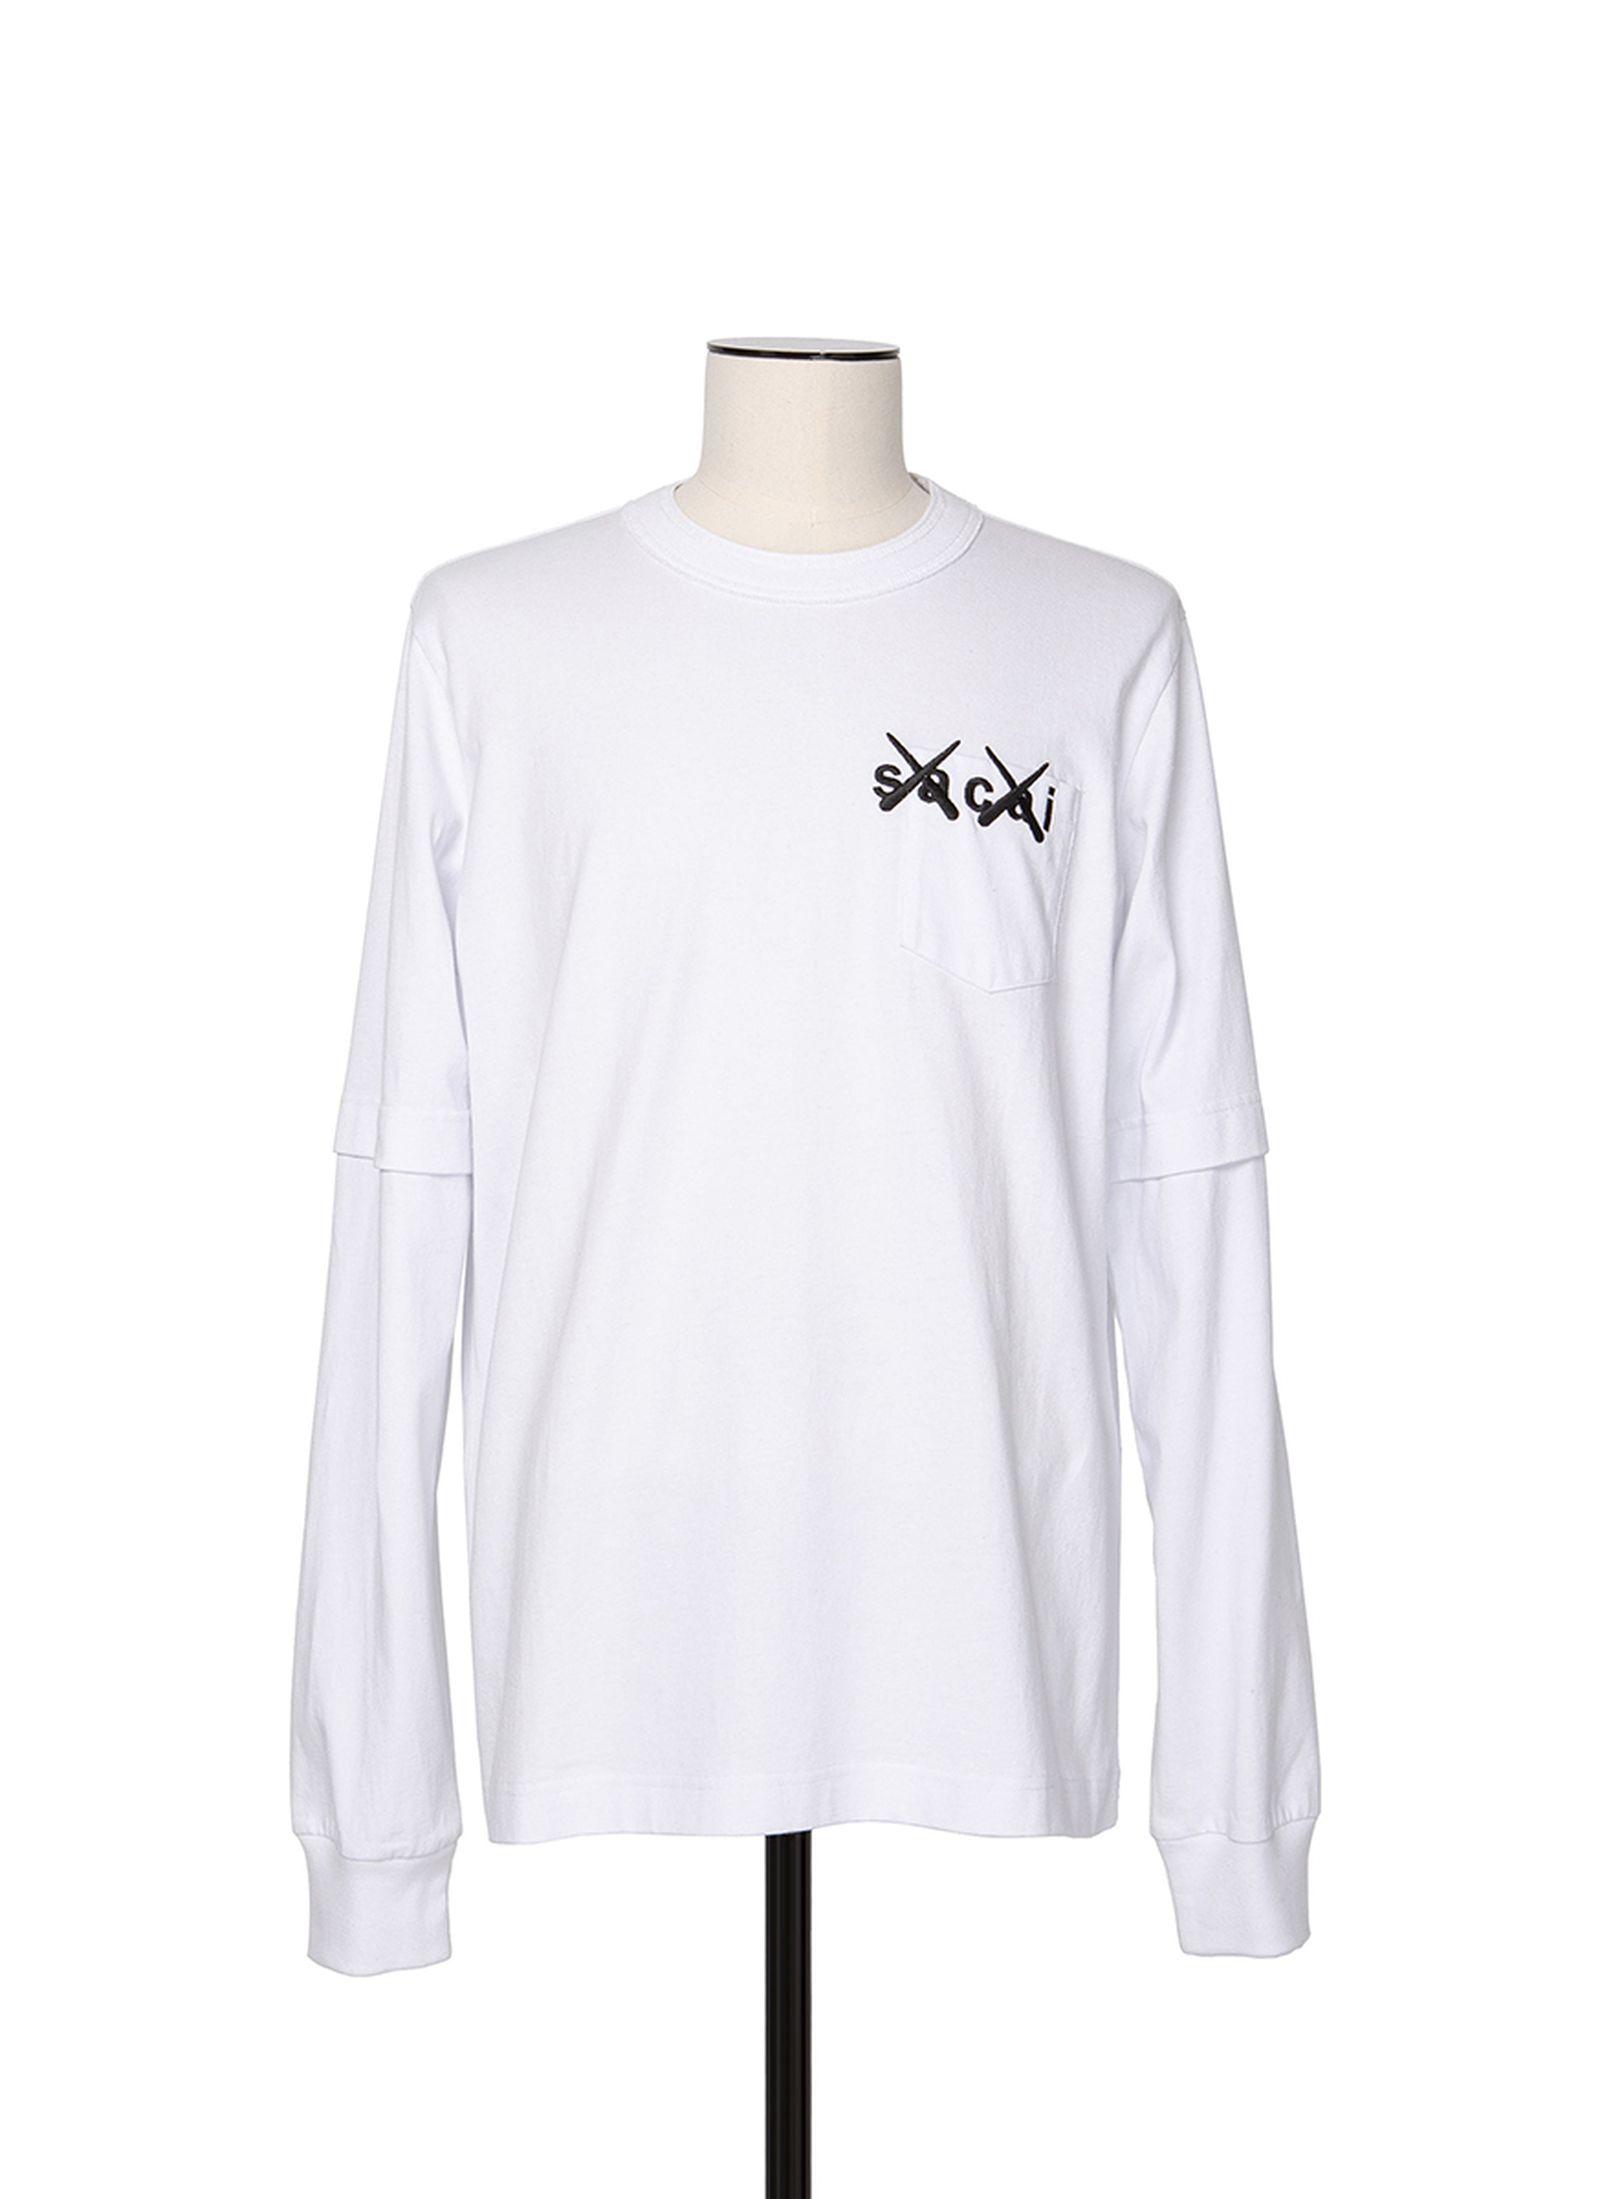 sacai-kaws-fall-2021-collaboration-tee-shirts- (2)